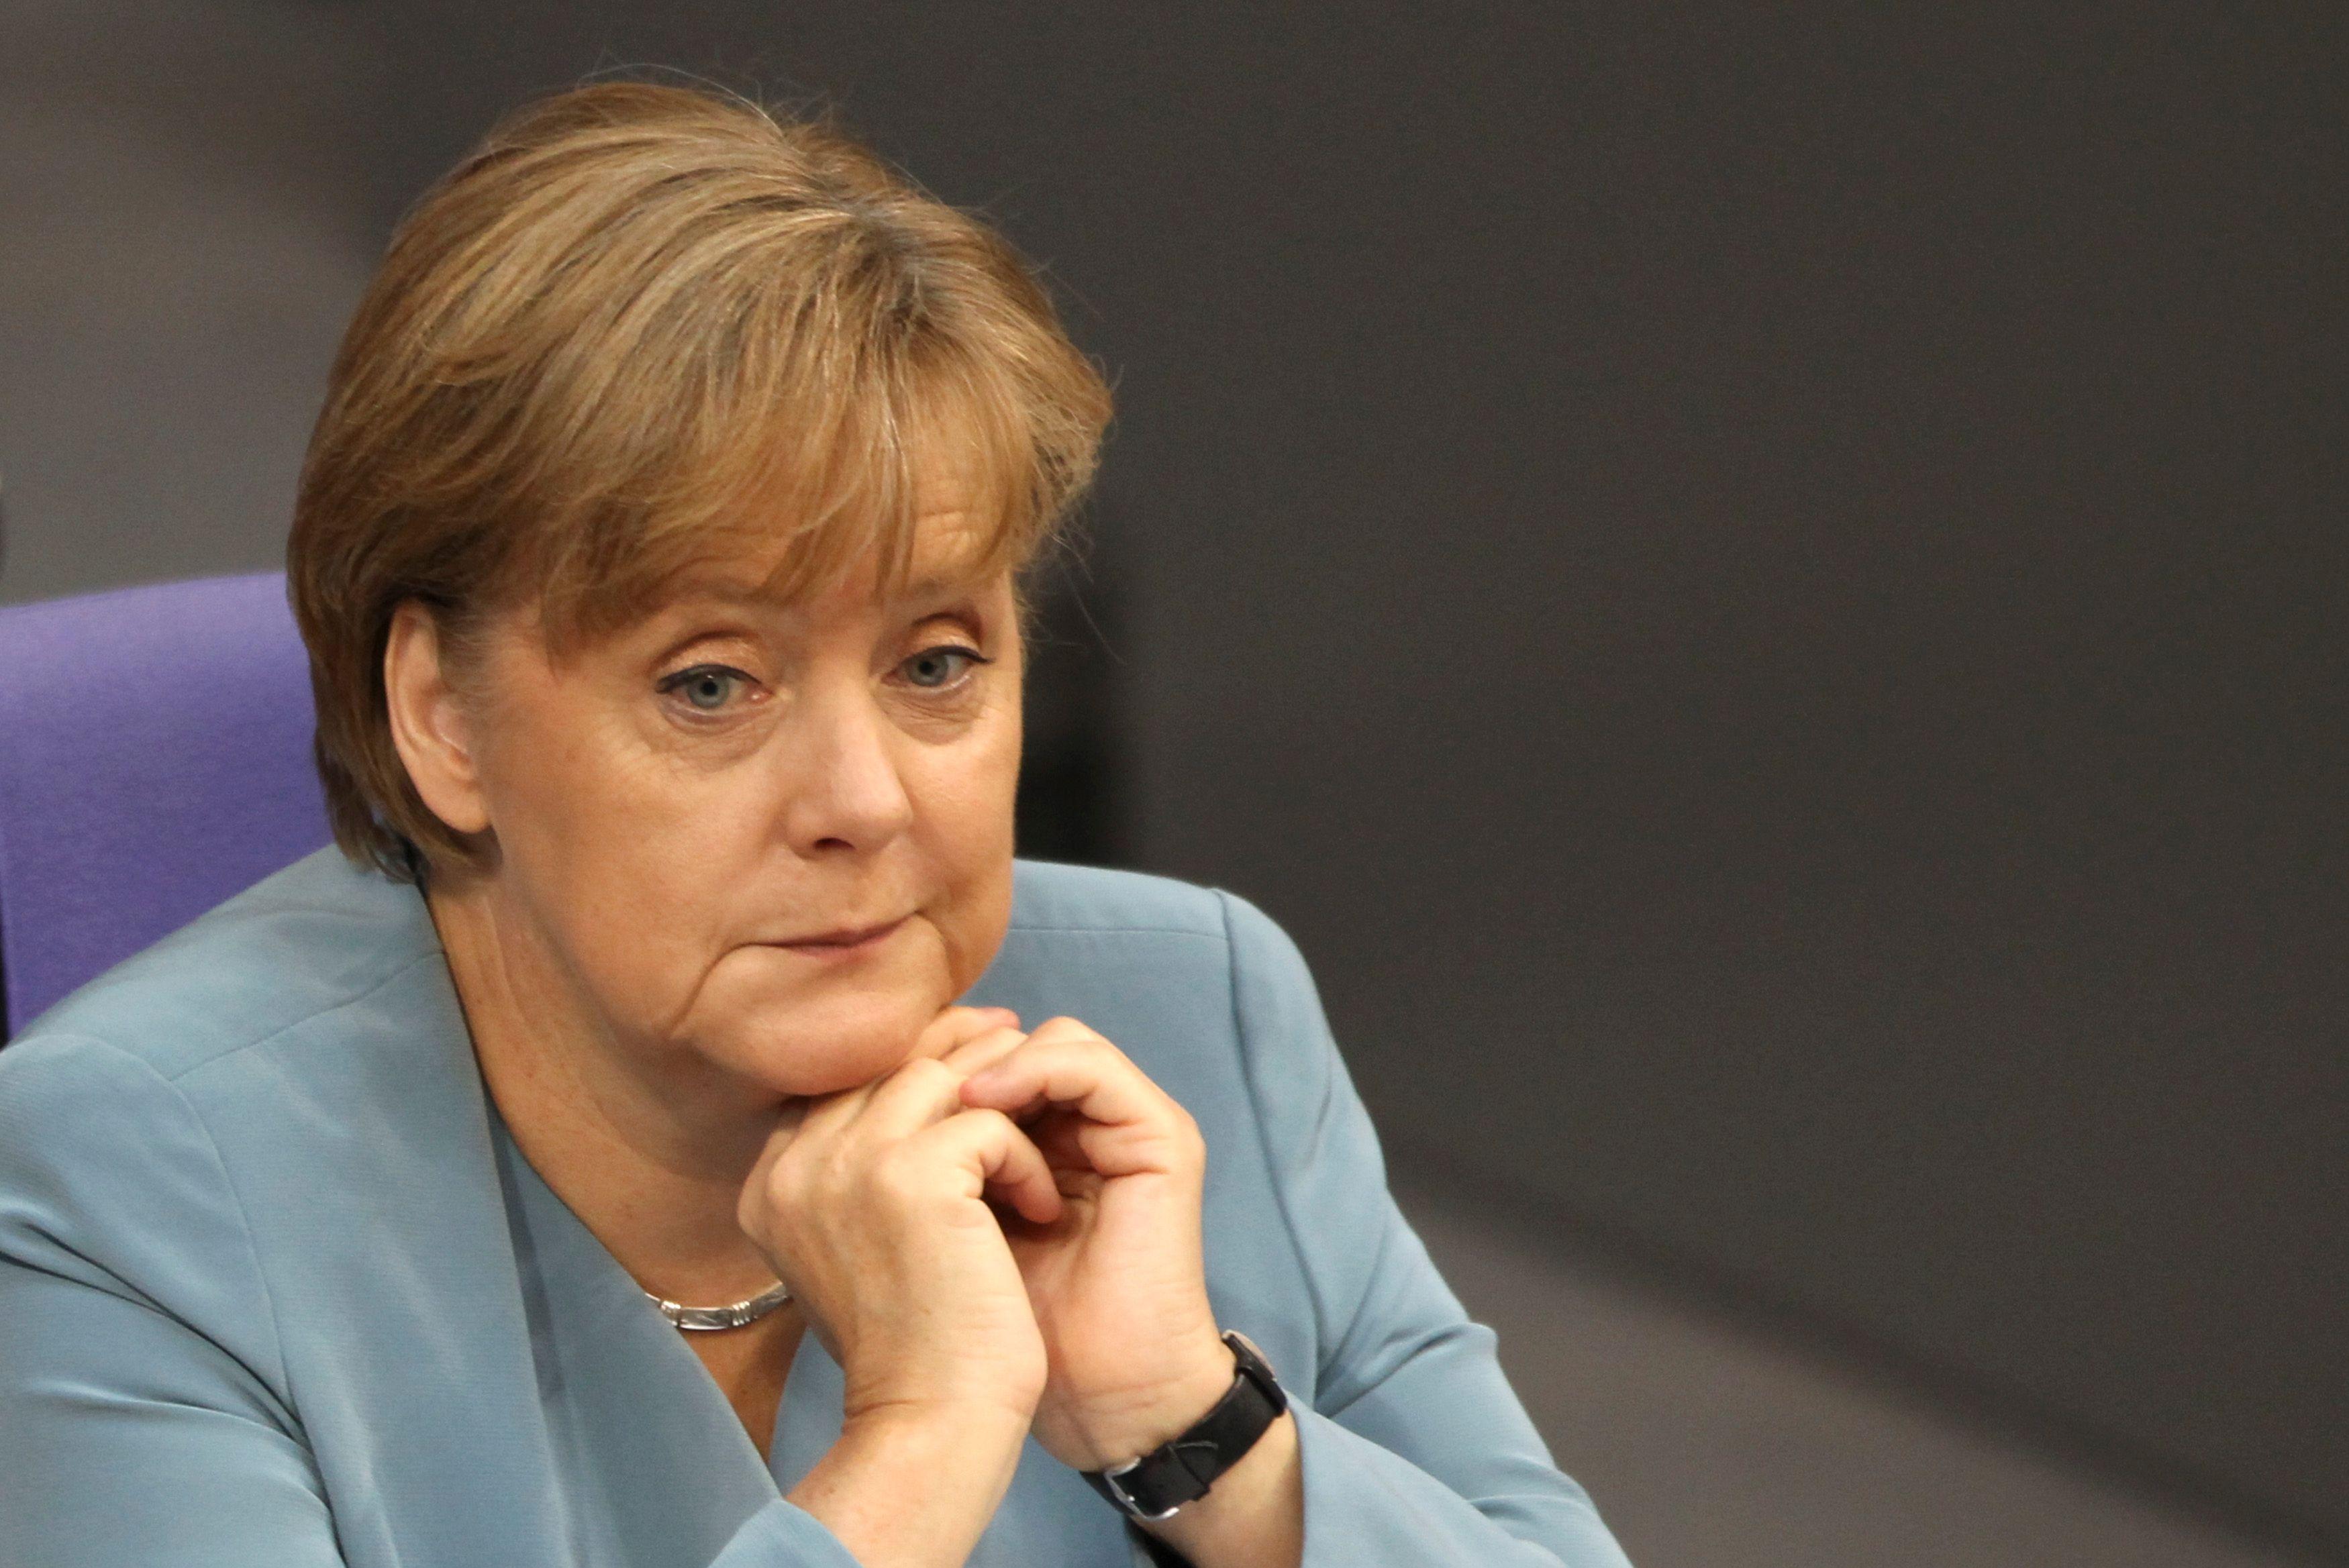 A travers ses propos, c'est le parti social-démocrate que vise Angela Merkel